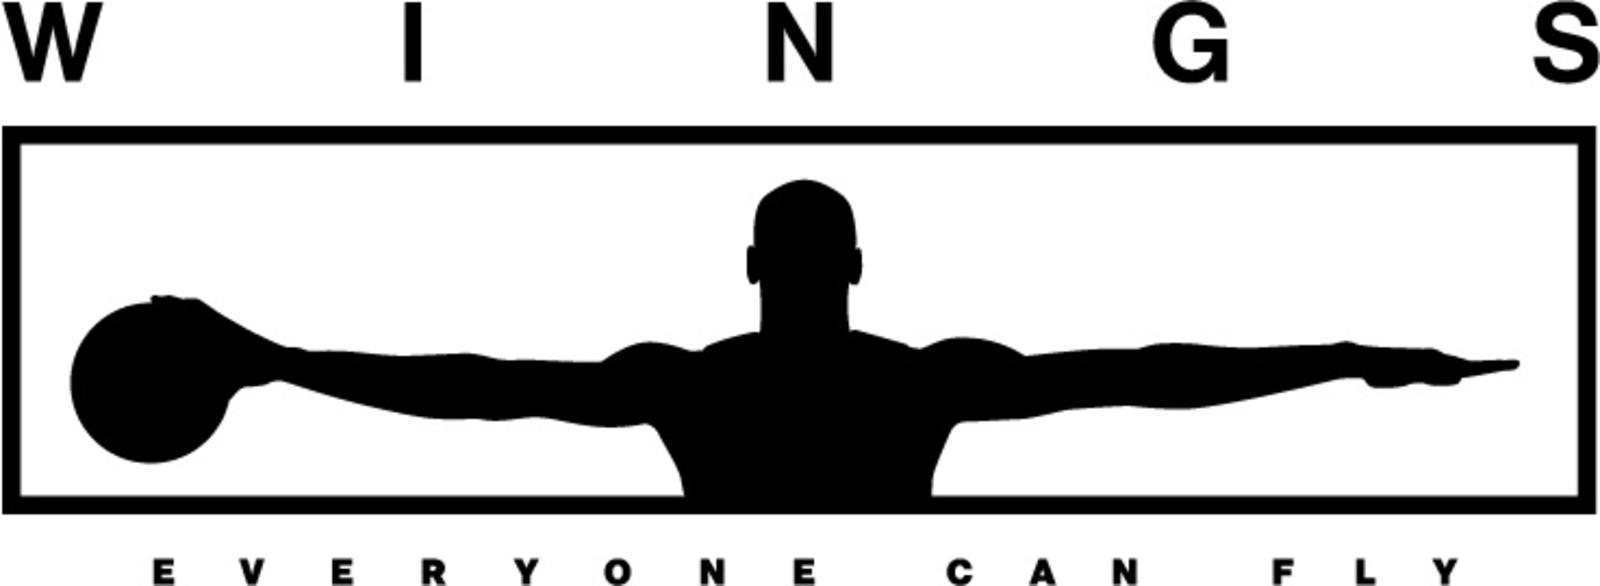 Michael Jordan Silhouette At Getdrawings Free For Personal Use